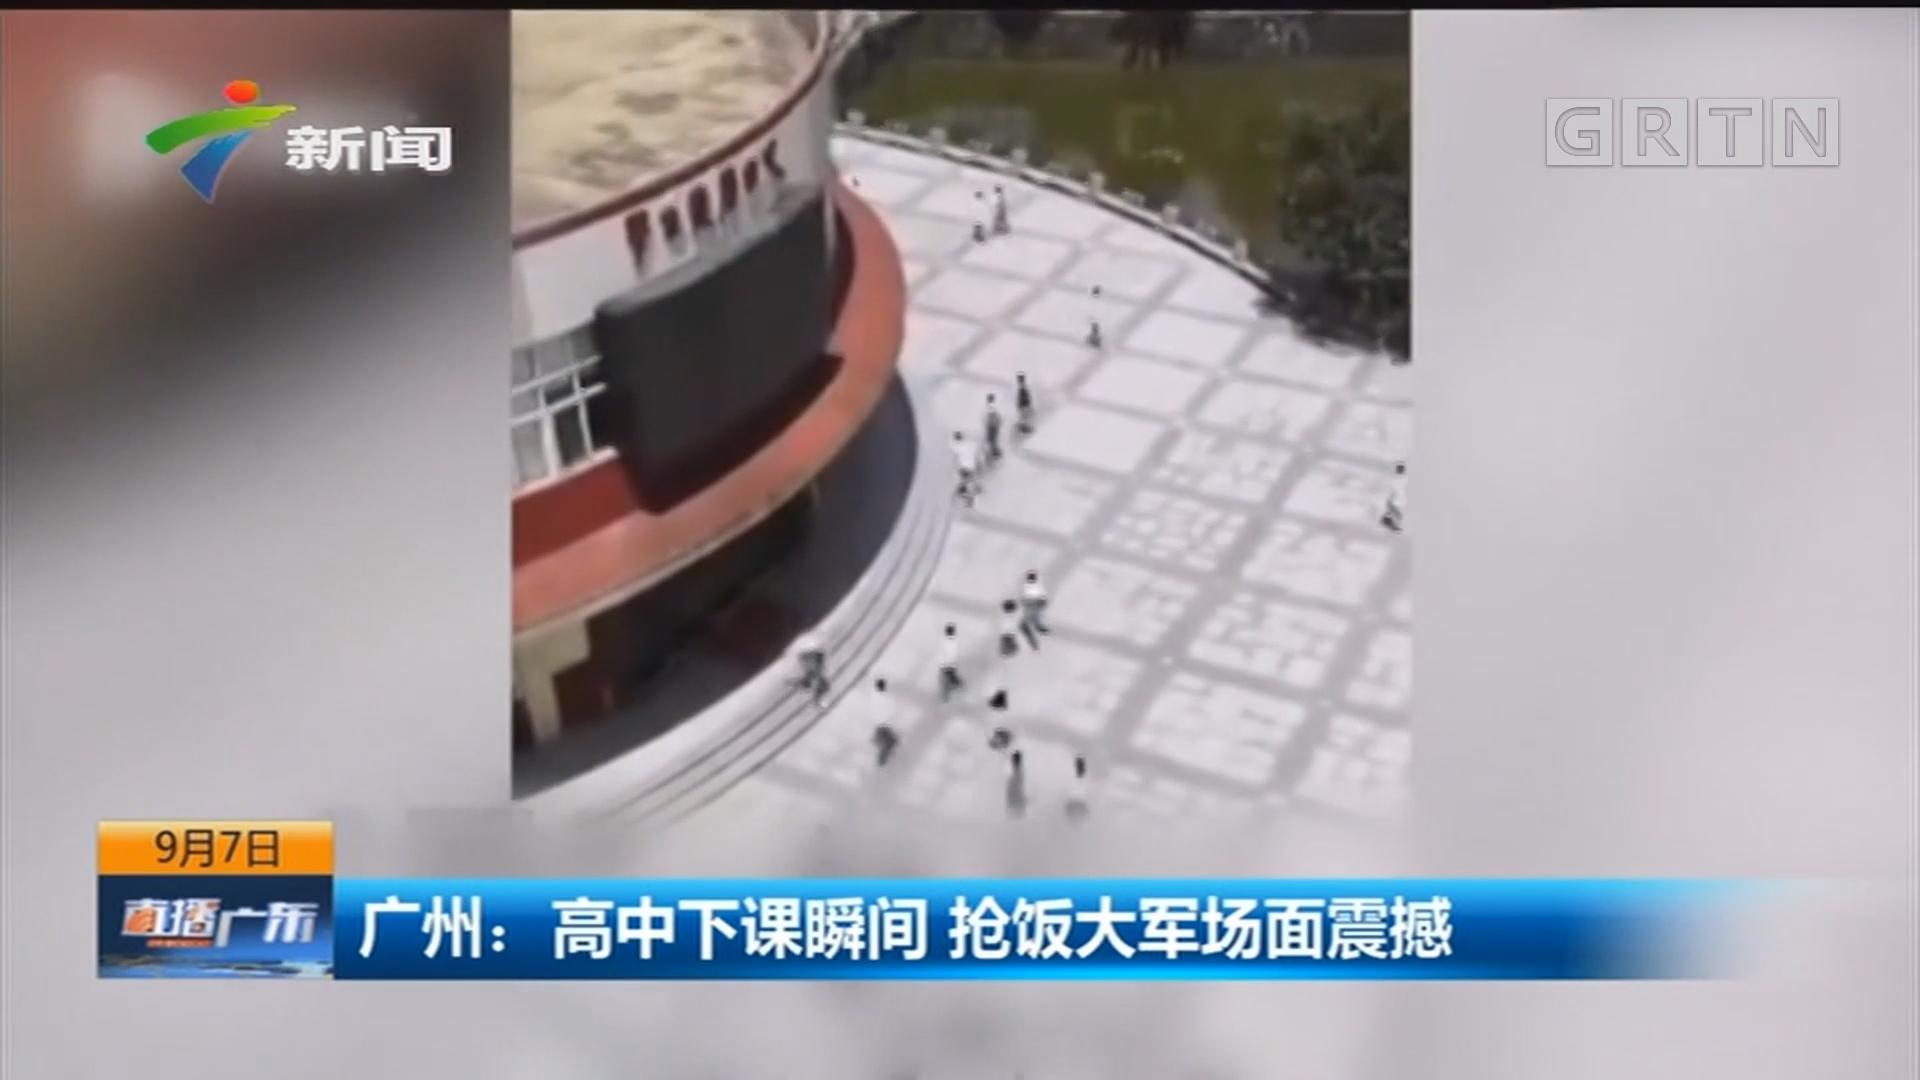 广州:高中下课瞬间 抢饭大军场面震撼